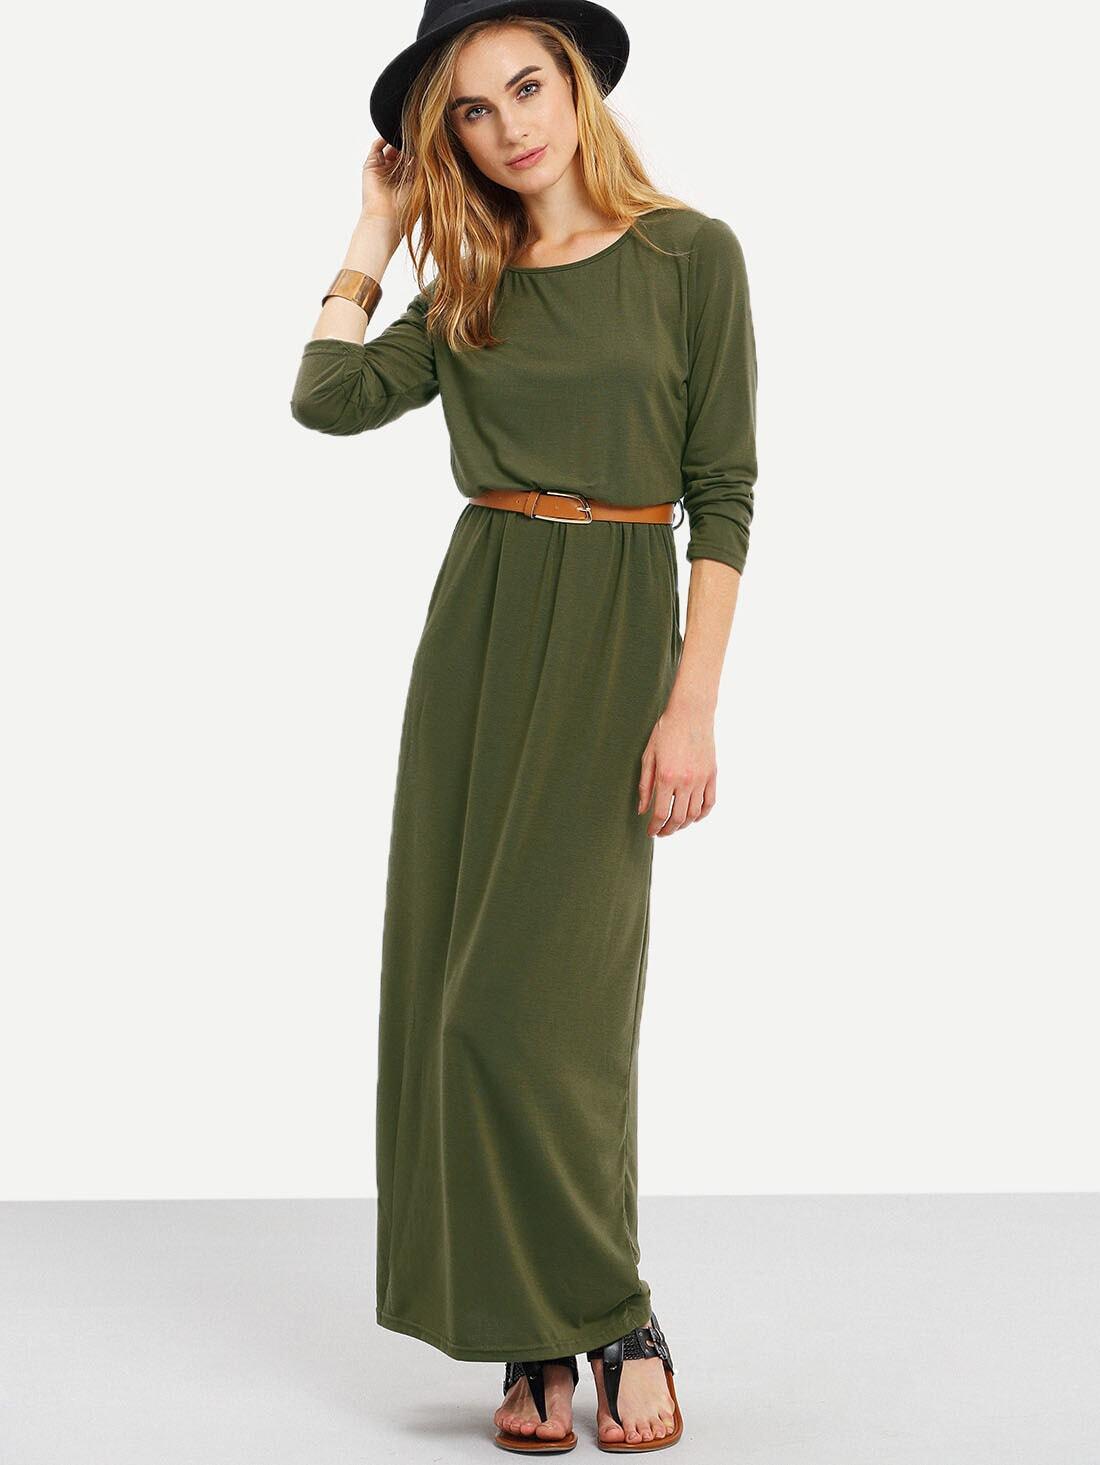 Army Green Long Sleeve Pockets Maxi Dress - $14.36